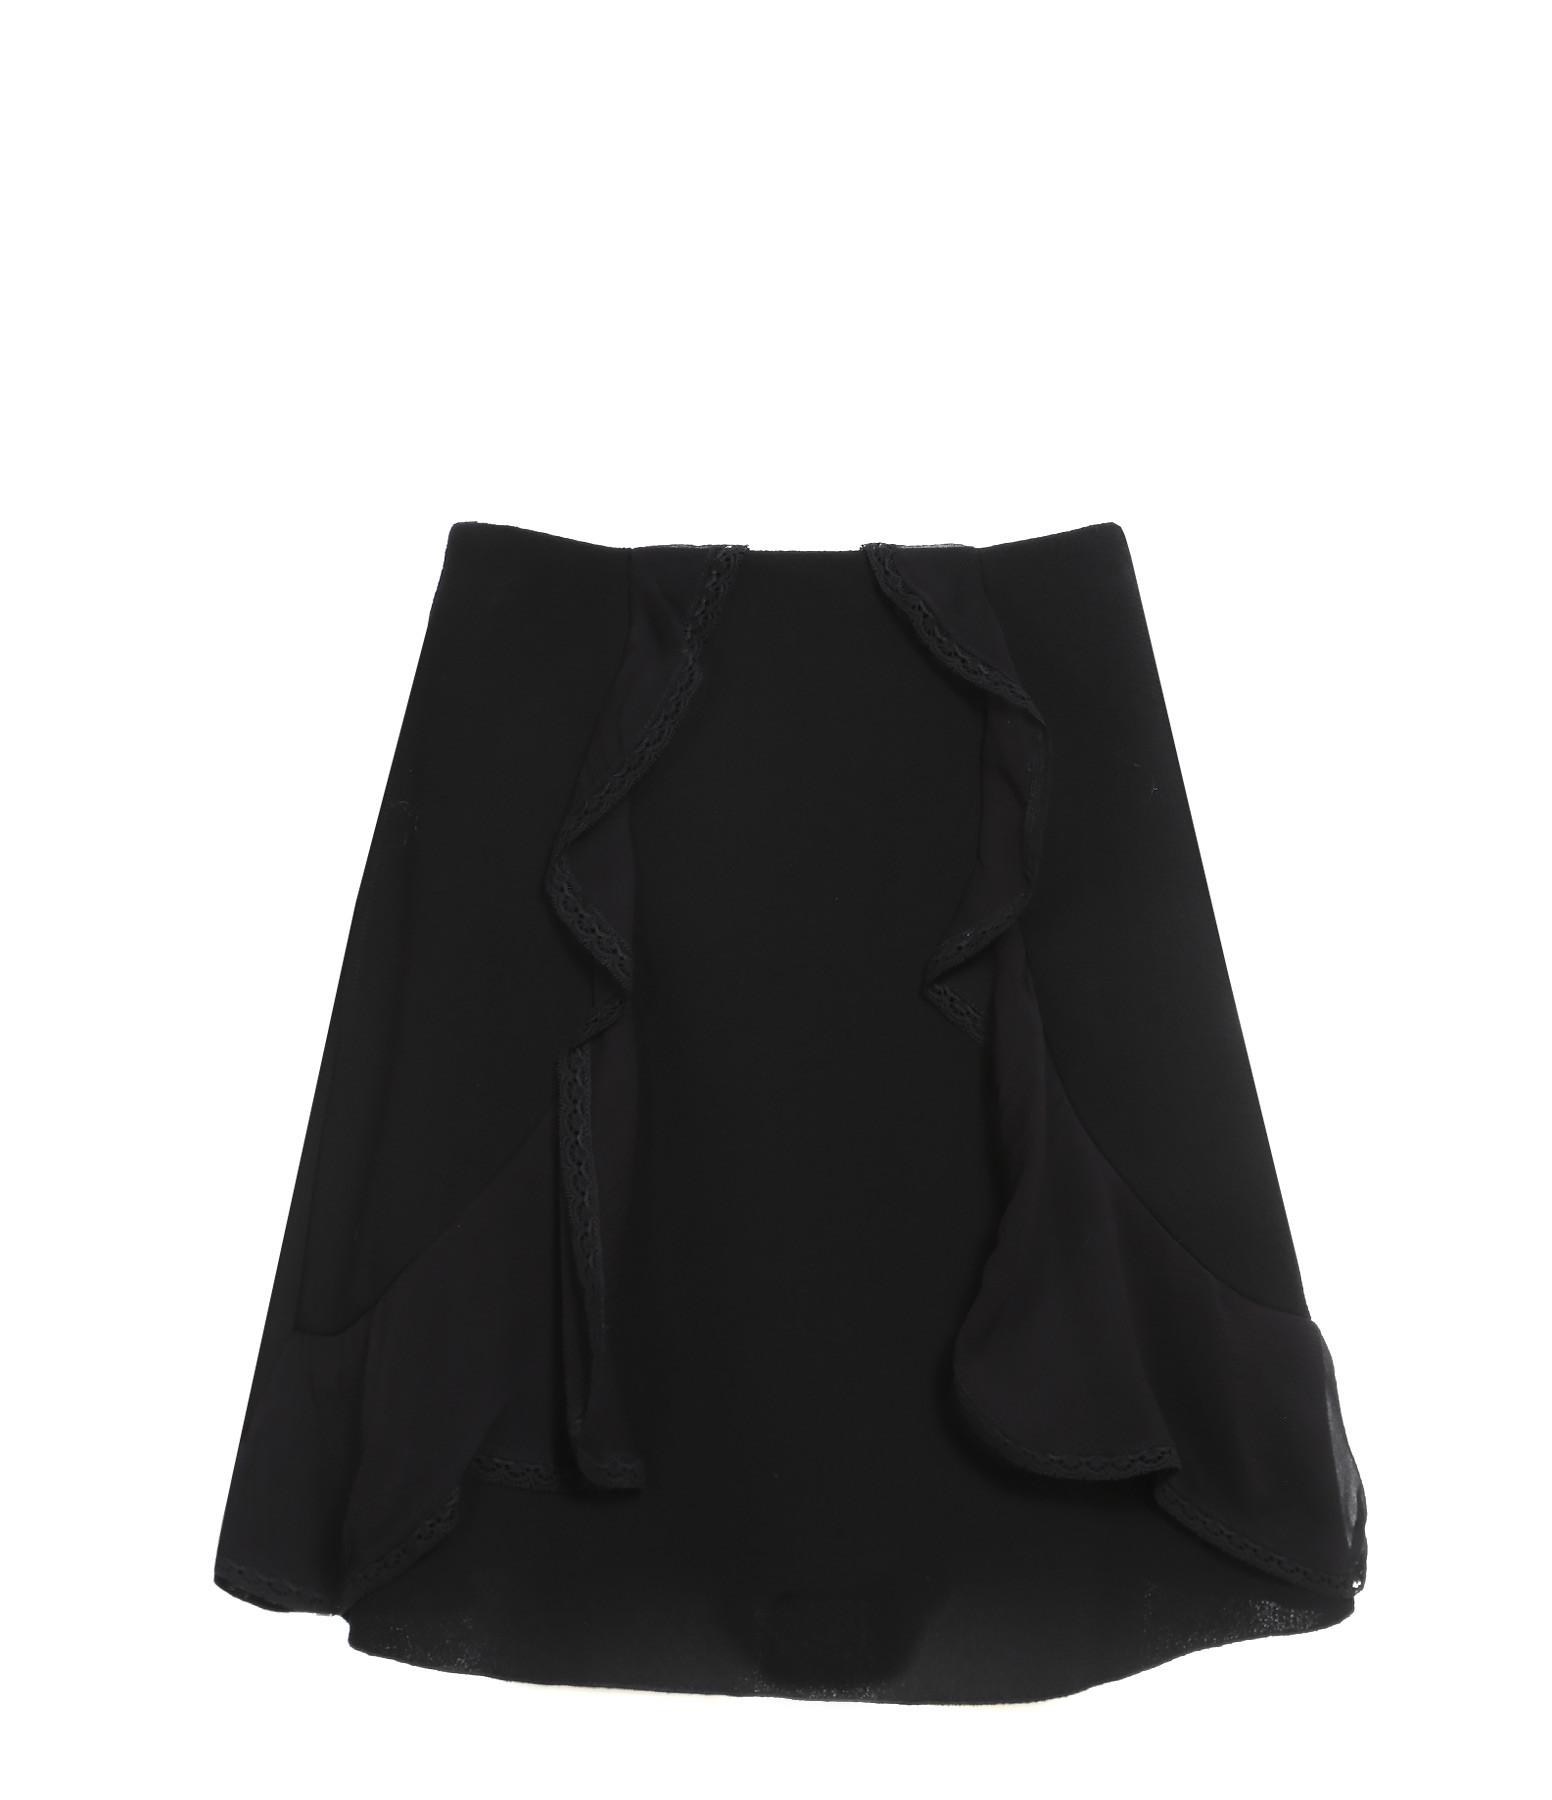 SEE BY CHLOE - Jupe Crepe Noir